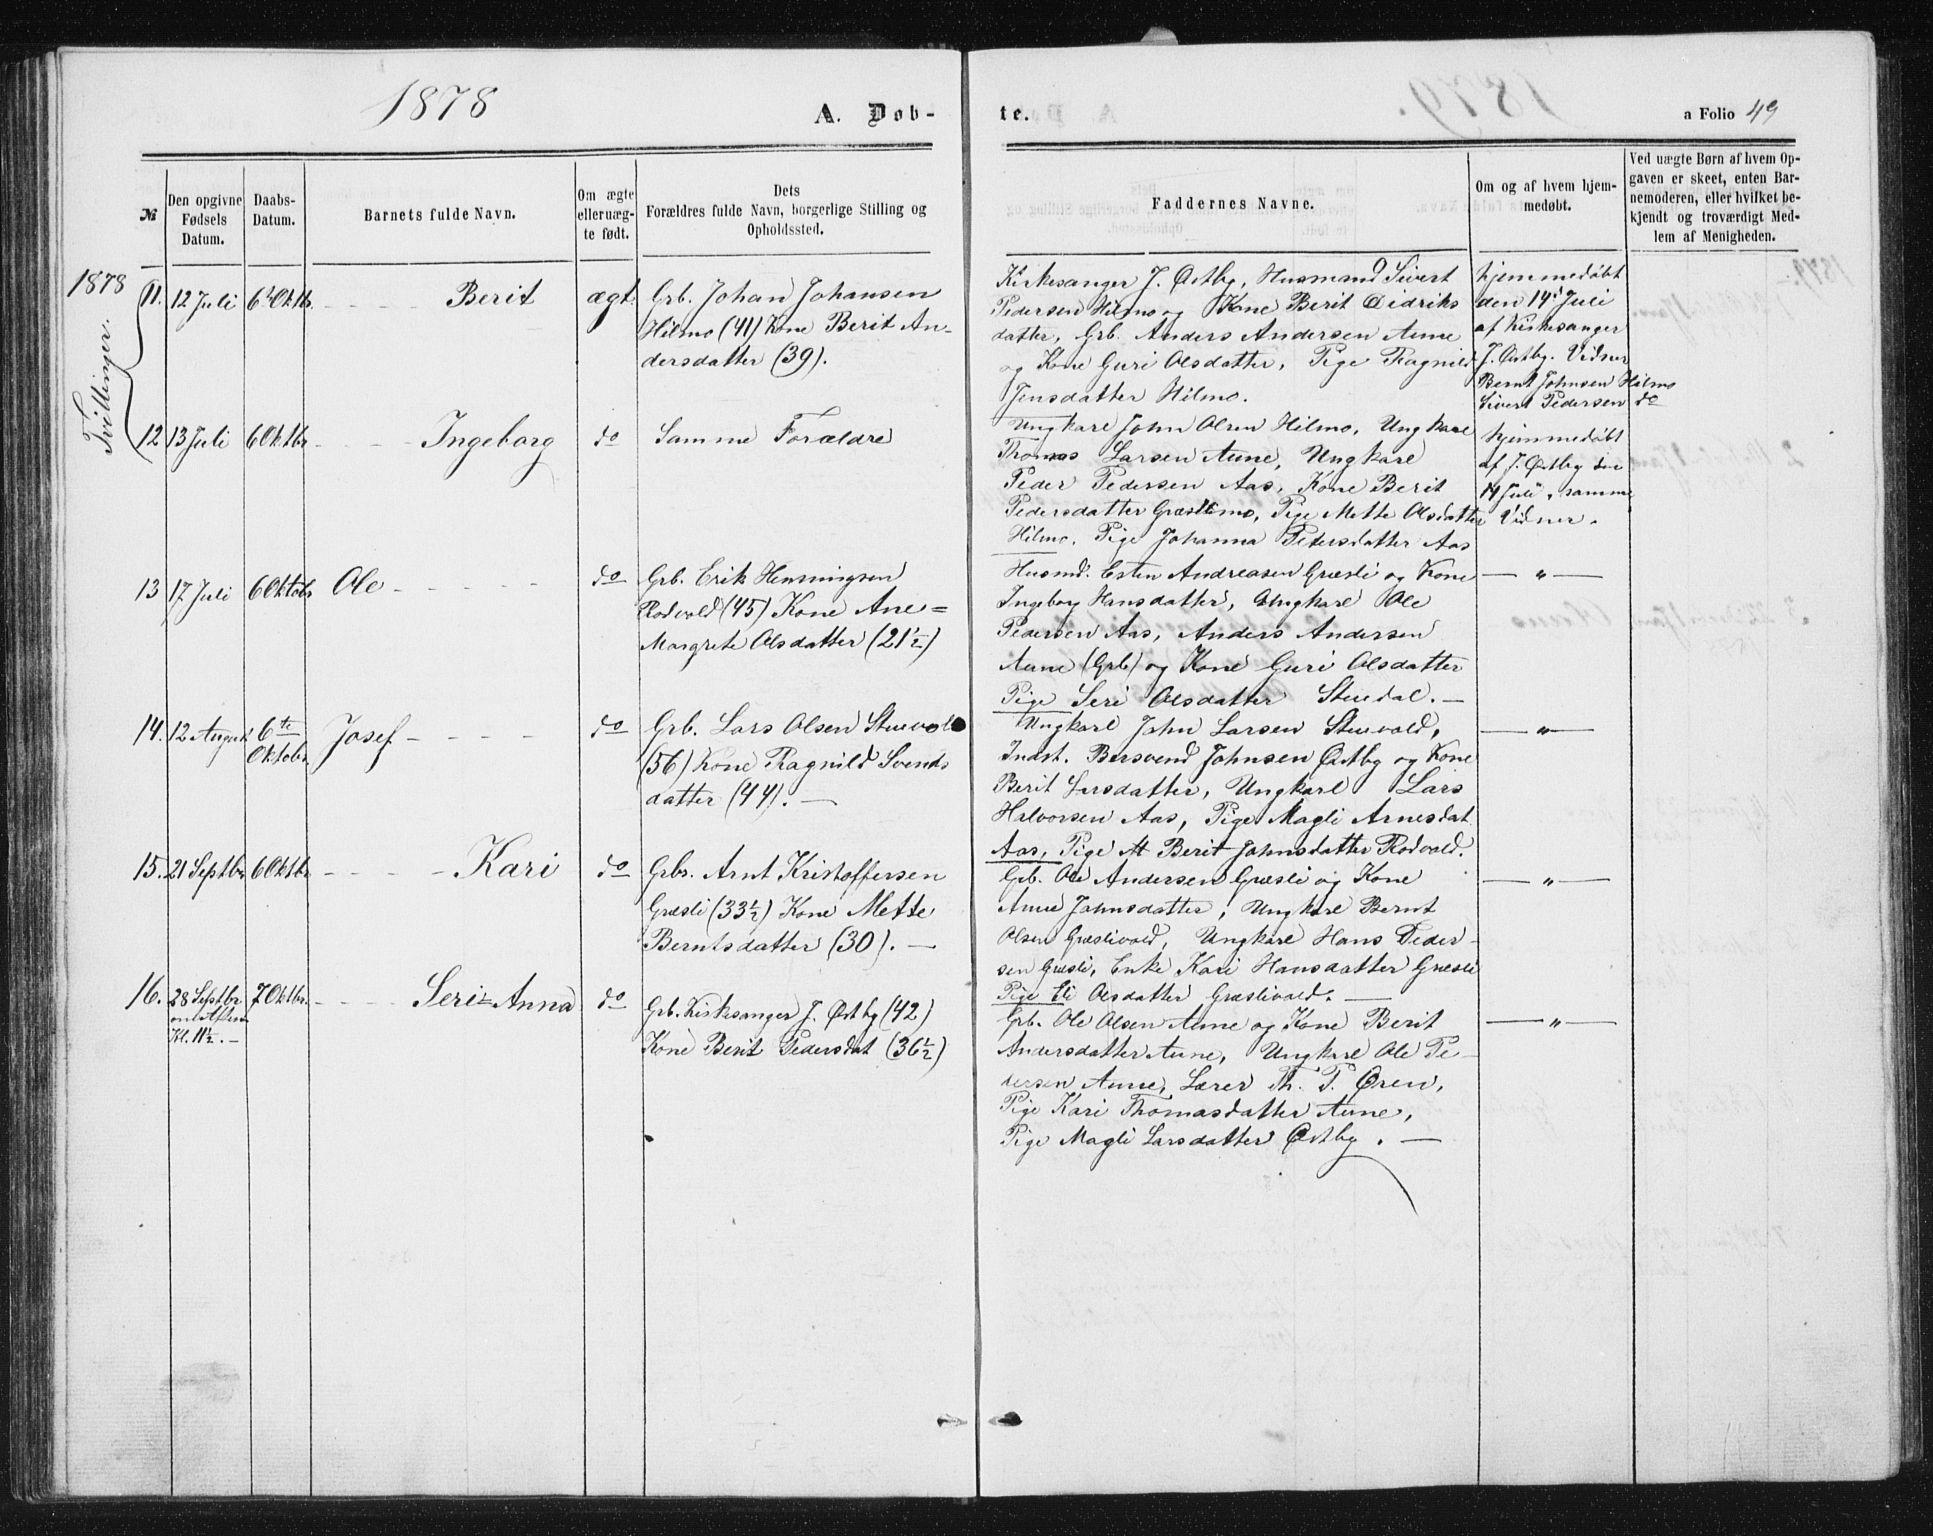 SAT, Ministerialprotokoller, klokkerbøker og fødselsregistre - Sør-Trøndelag, 698/L1166: Klokkerbok nr. 698C03, 1861-1887, s. 49